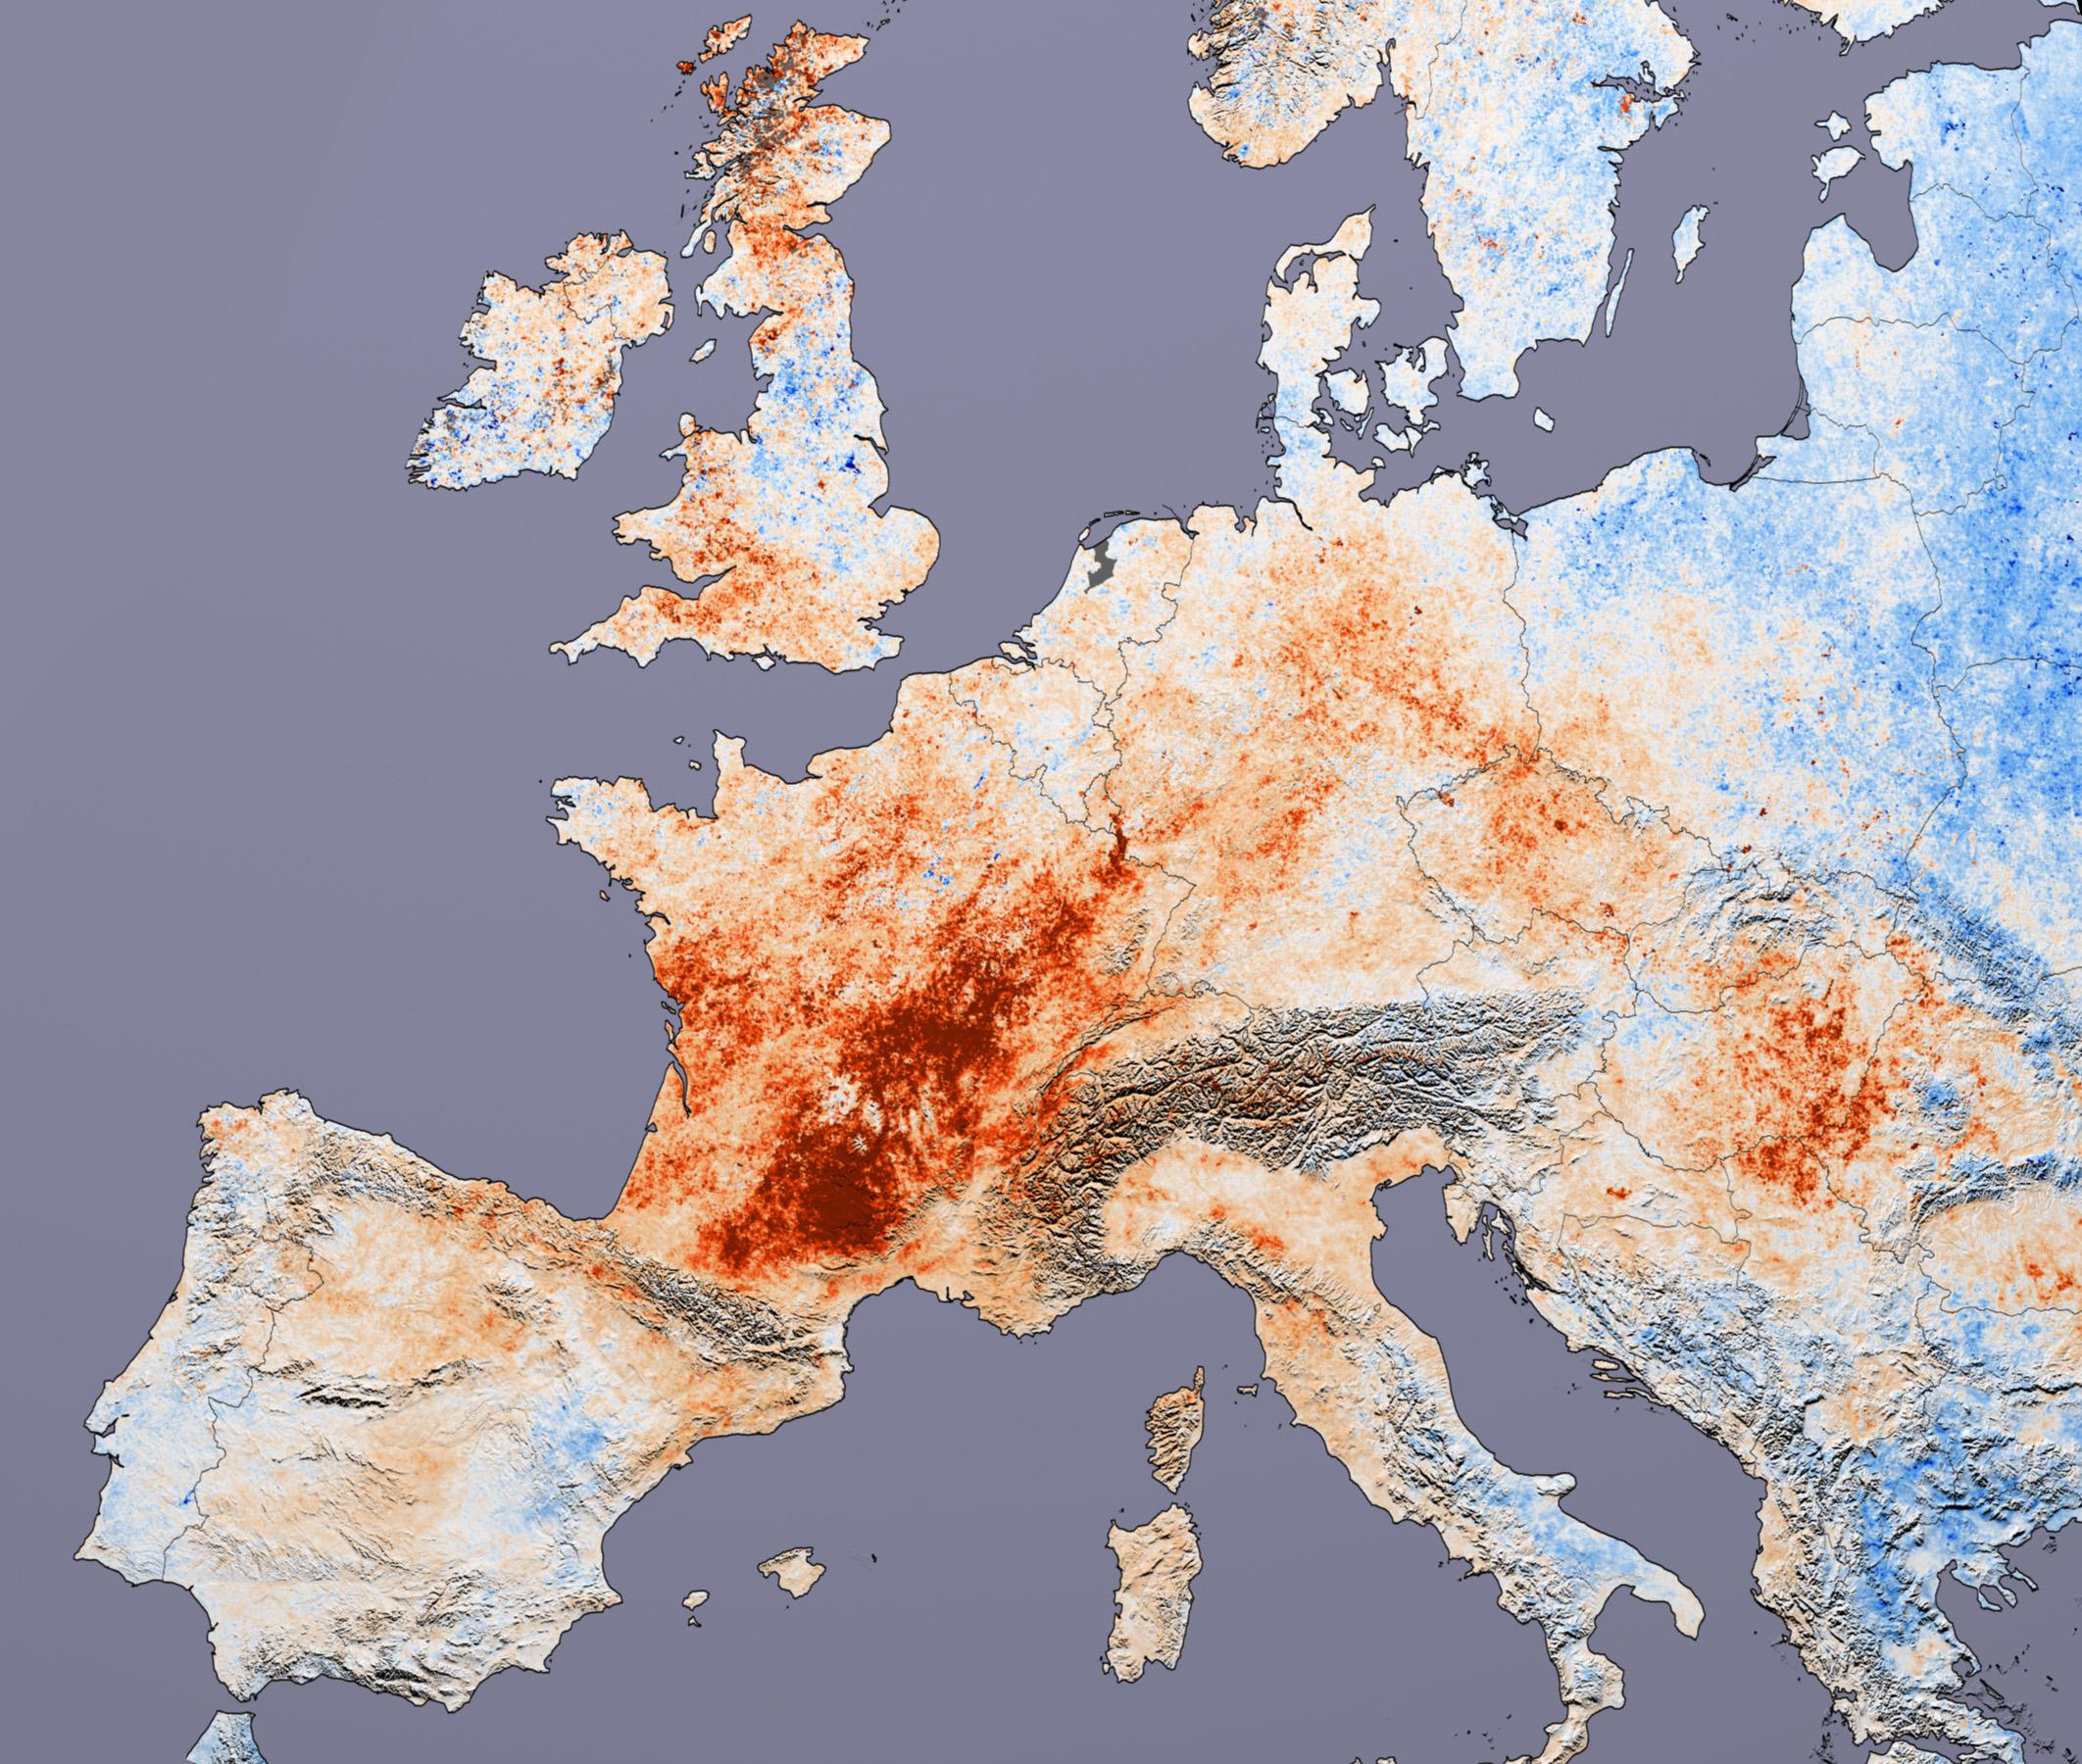 2003 European heat wave